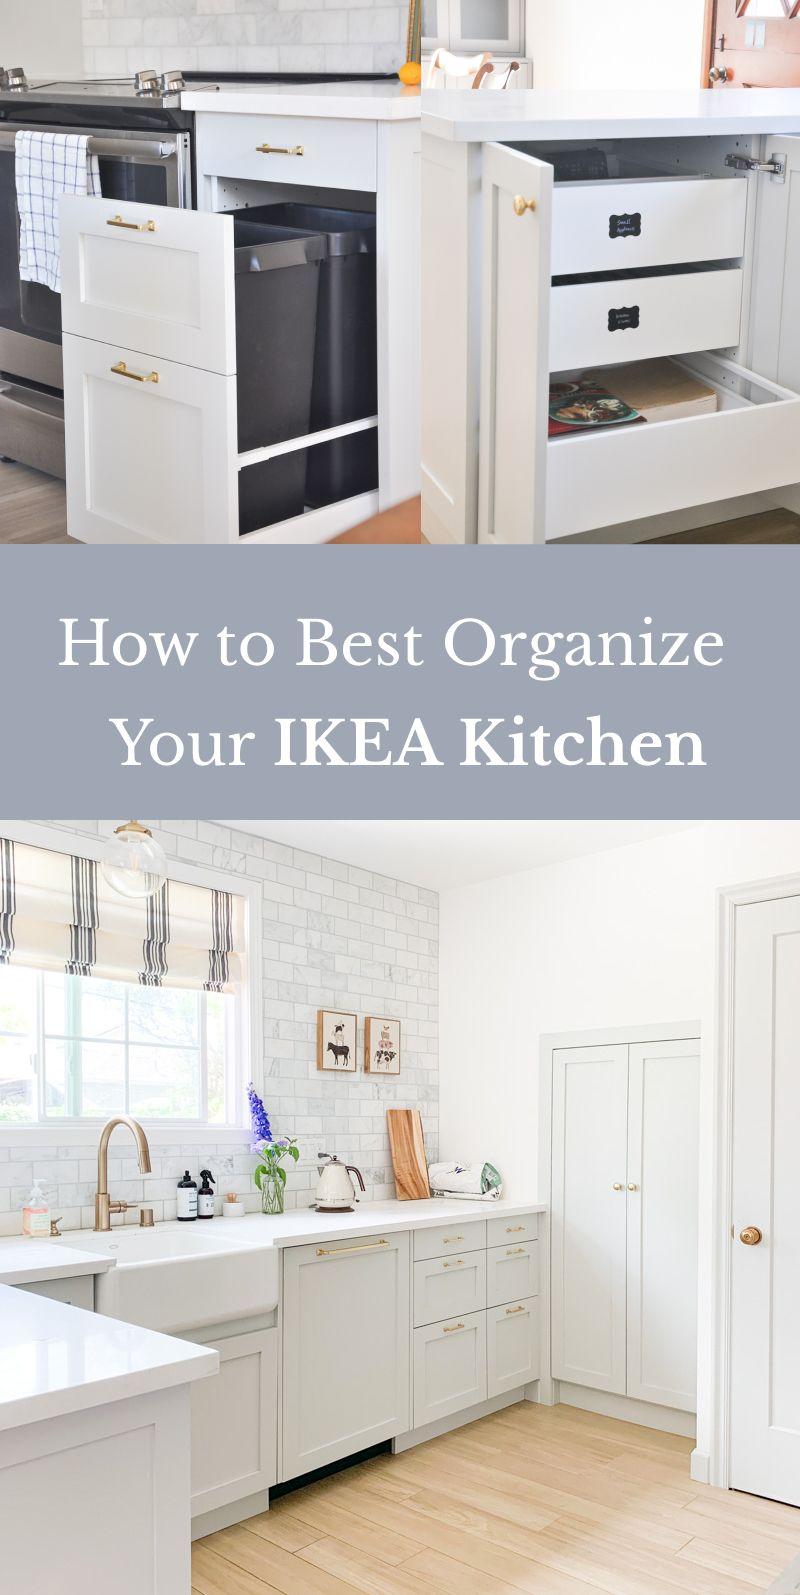 IKEA Kitchen Organization Ideas and Hacks